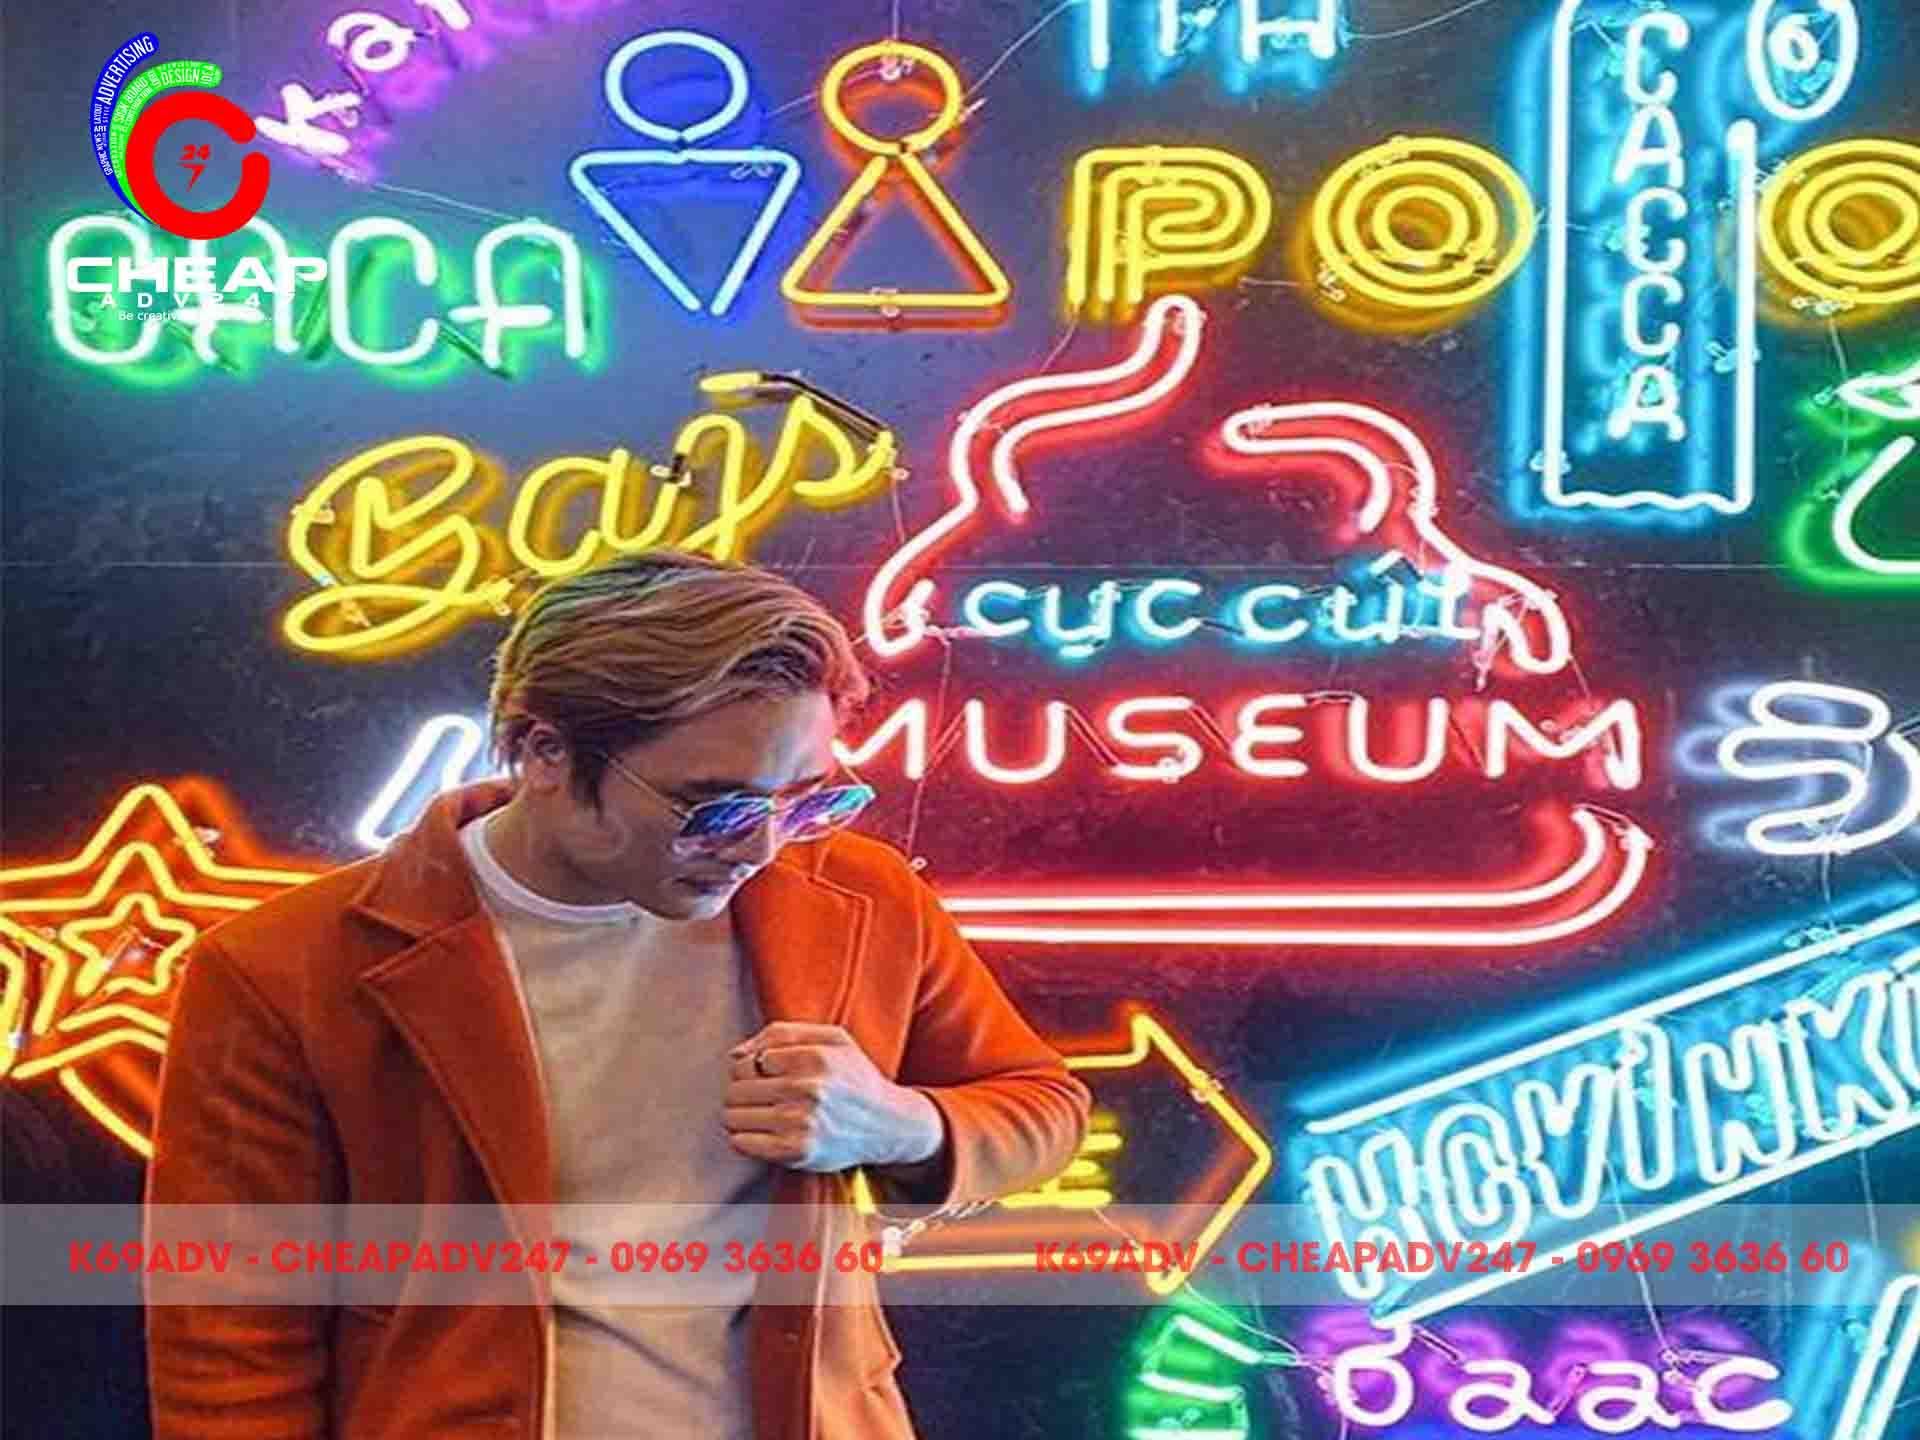 mau den neon sign dep cheapdv2476